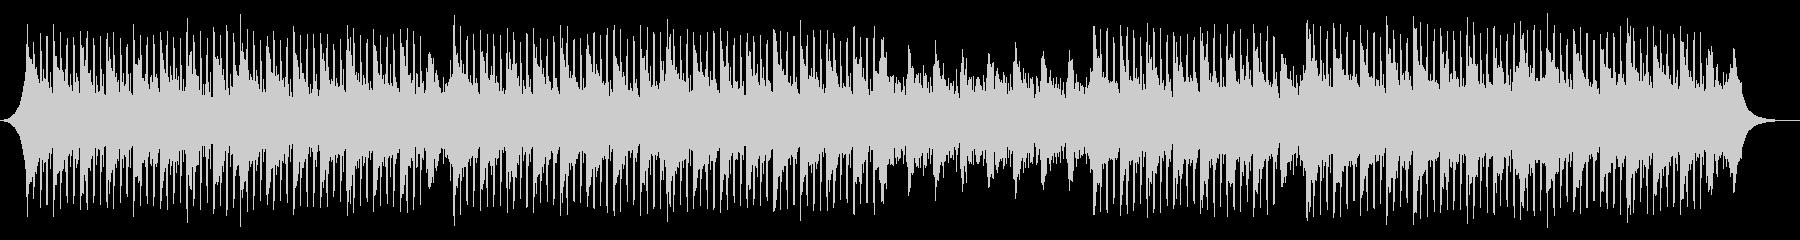 インタビュー音楽の未再生の波形